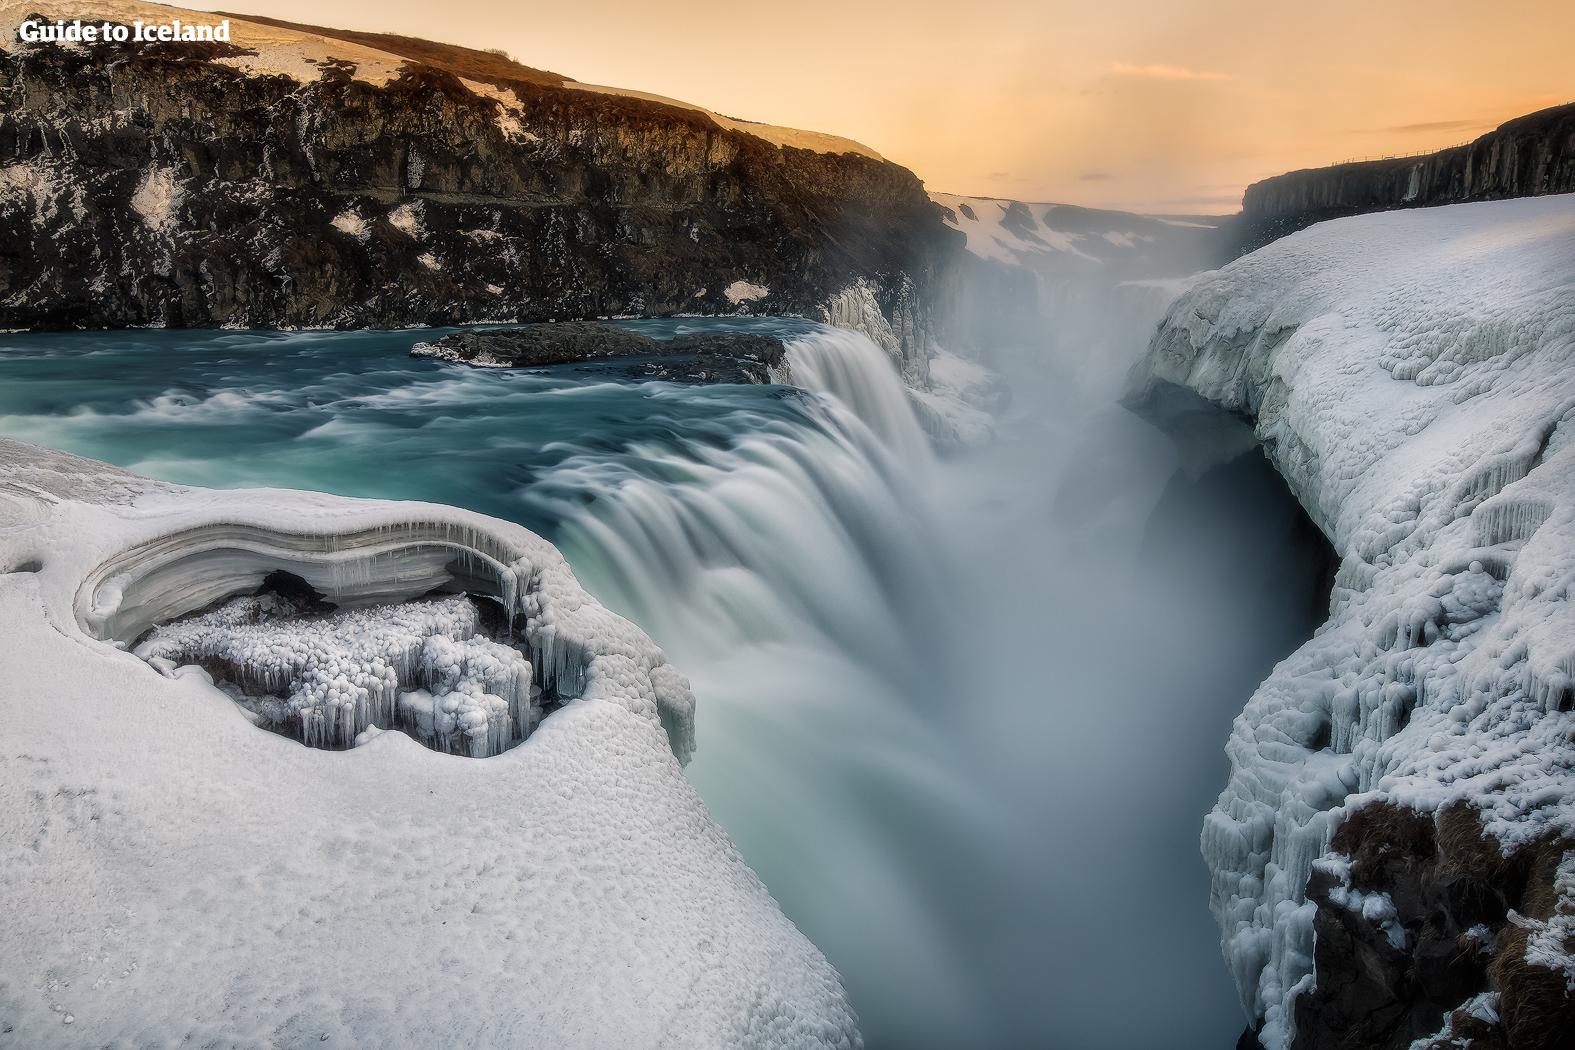 Gullfoss buldrer ind i en gammel kløft, der om vinteren bliver dækket af tykke lag sne og is.